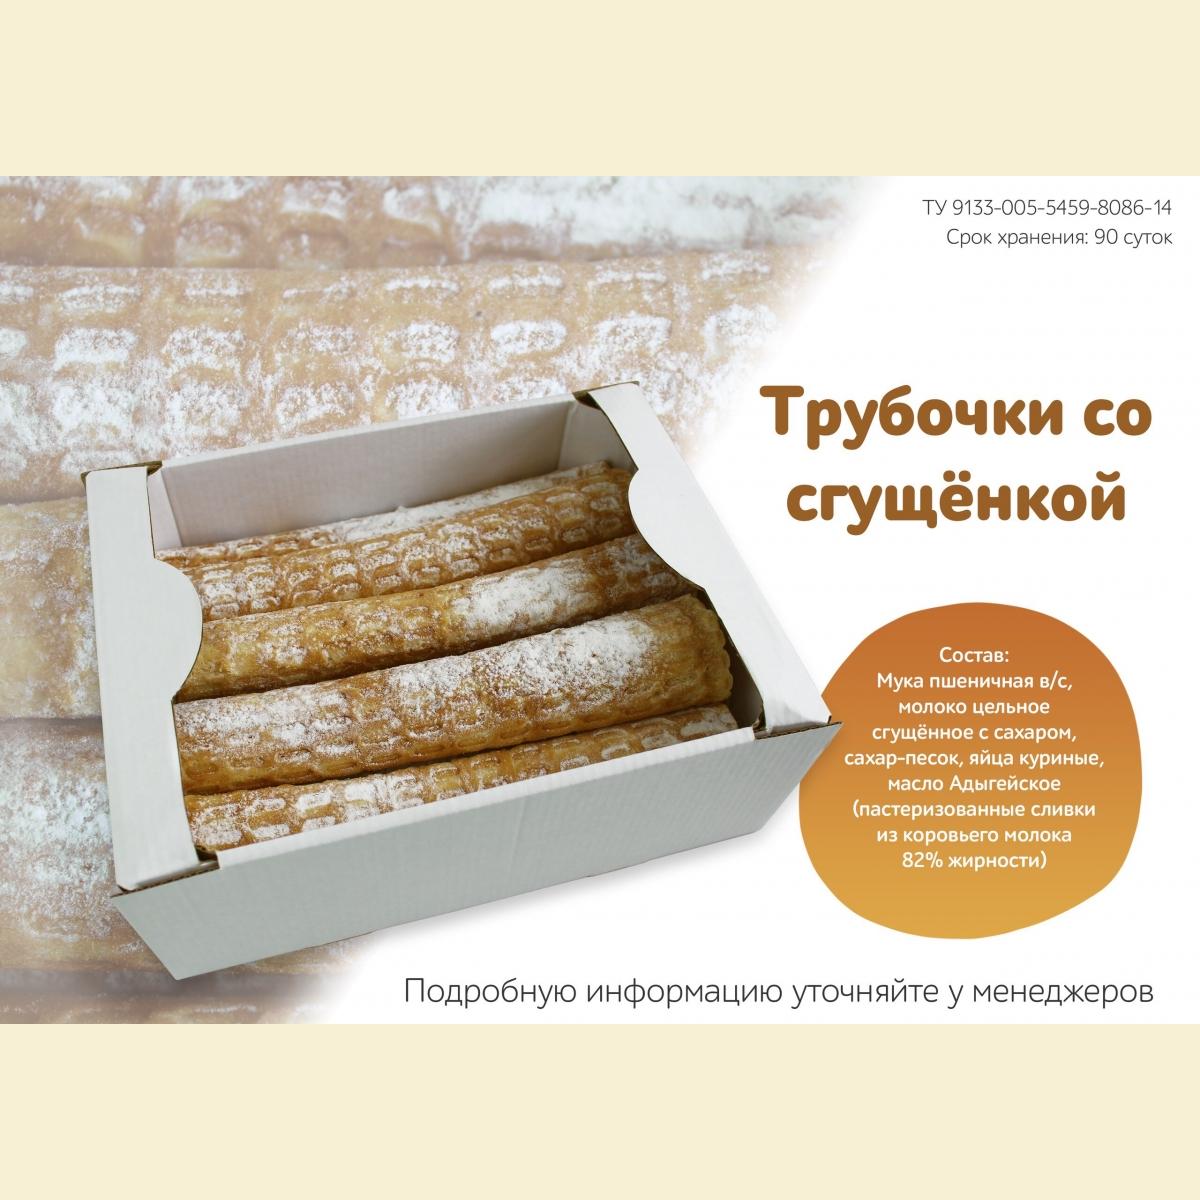 trubochki-vafelnye-s-varenym-sguschennym